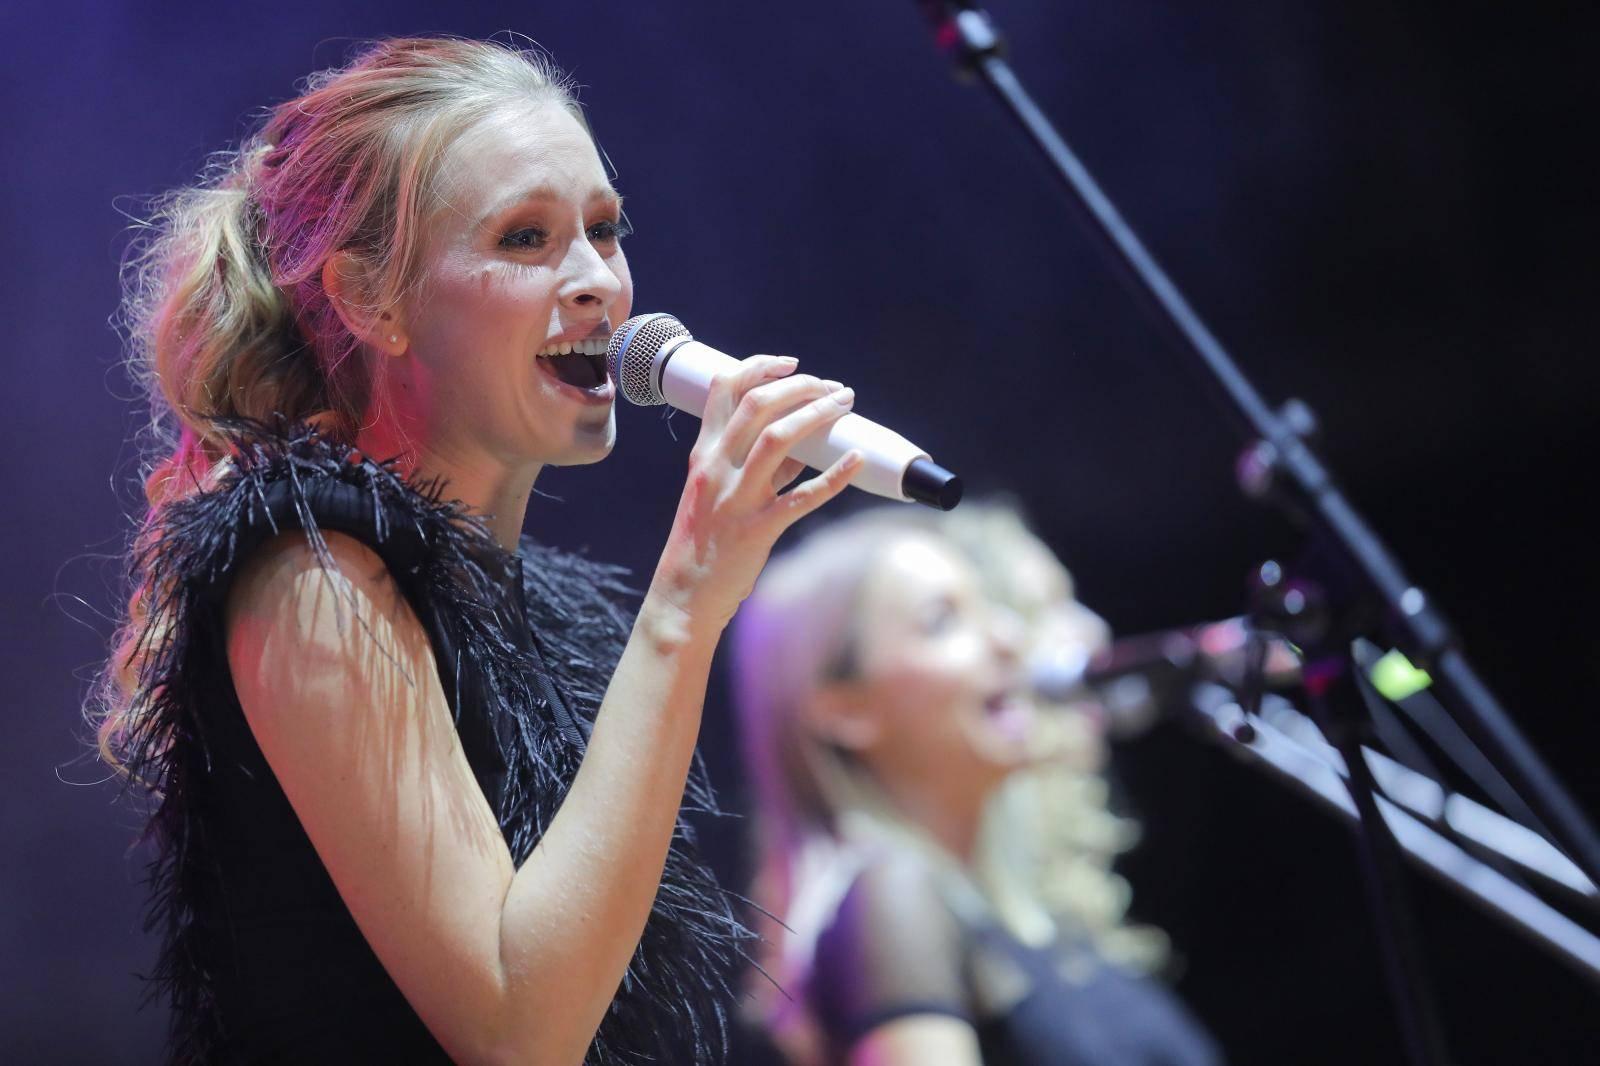 Domenica: Da mi Huljićeva kći napiše pjesmu, ona bi bila hit...